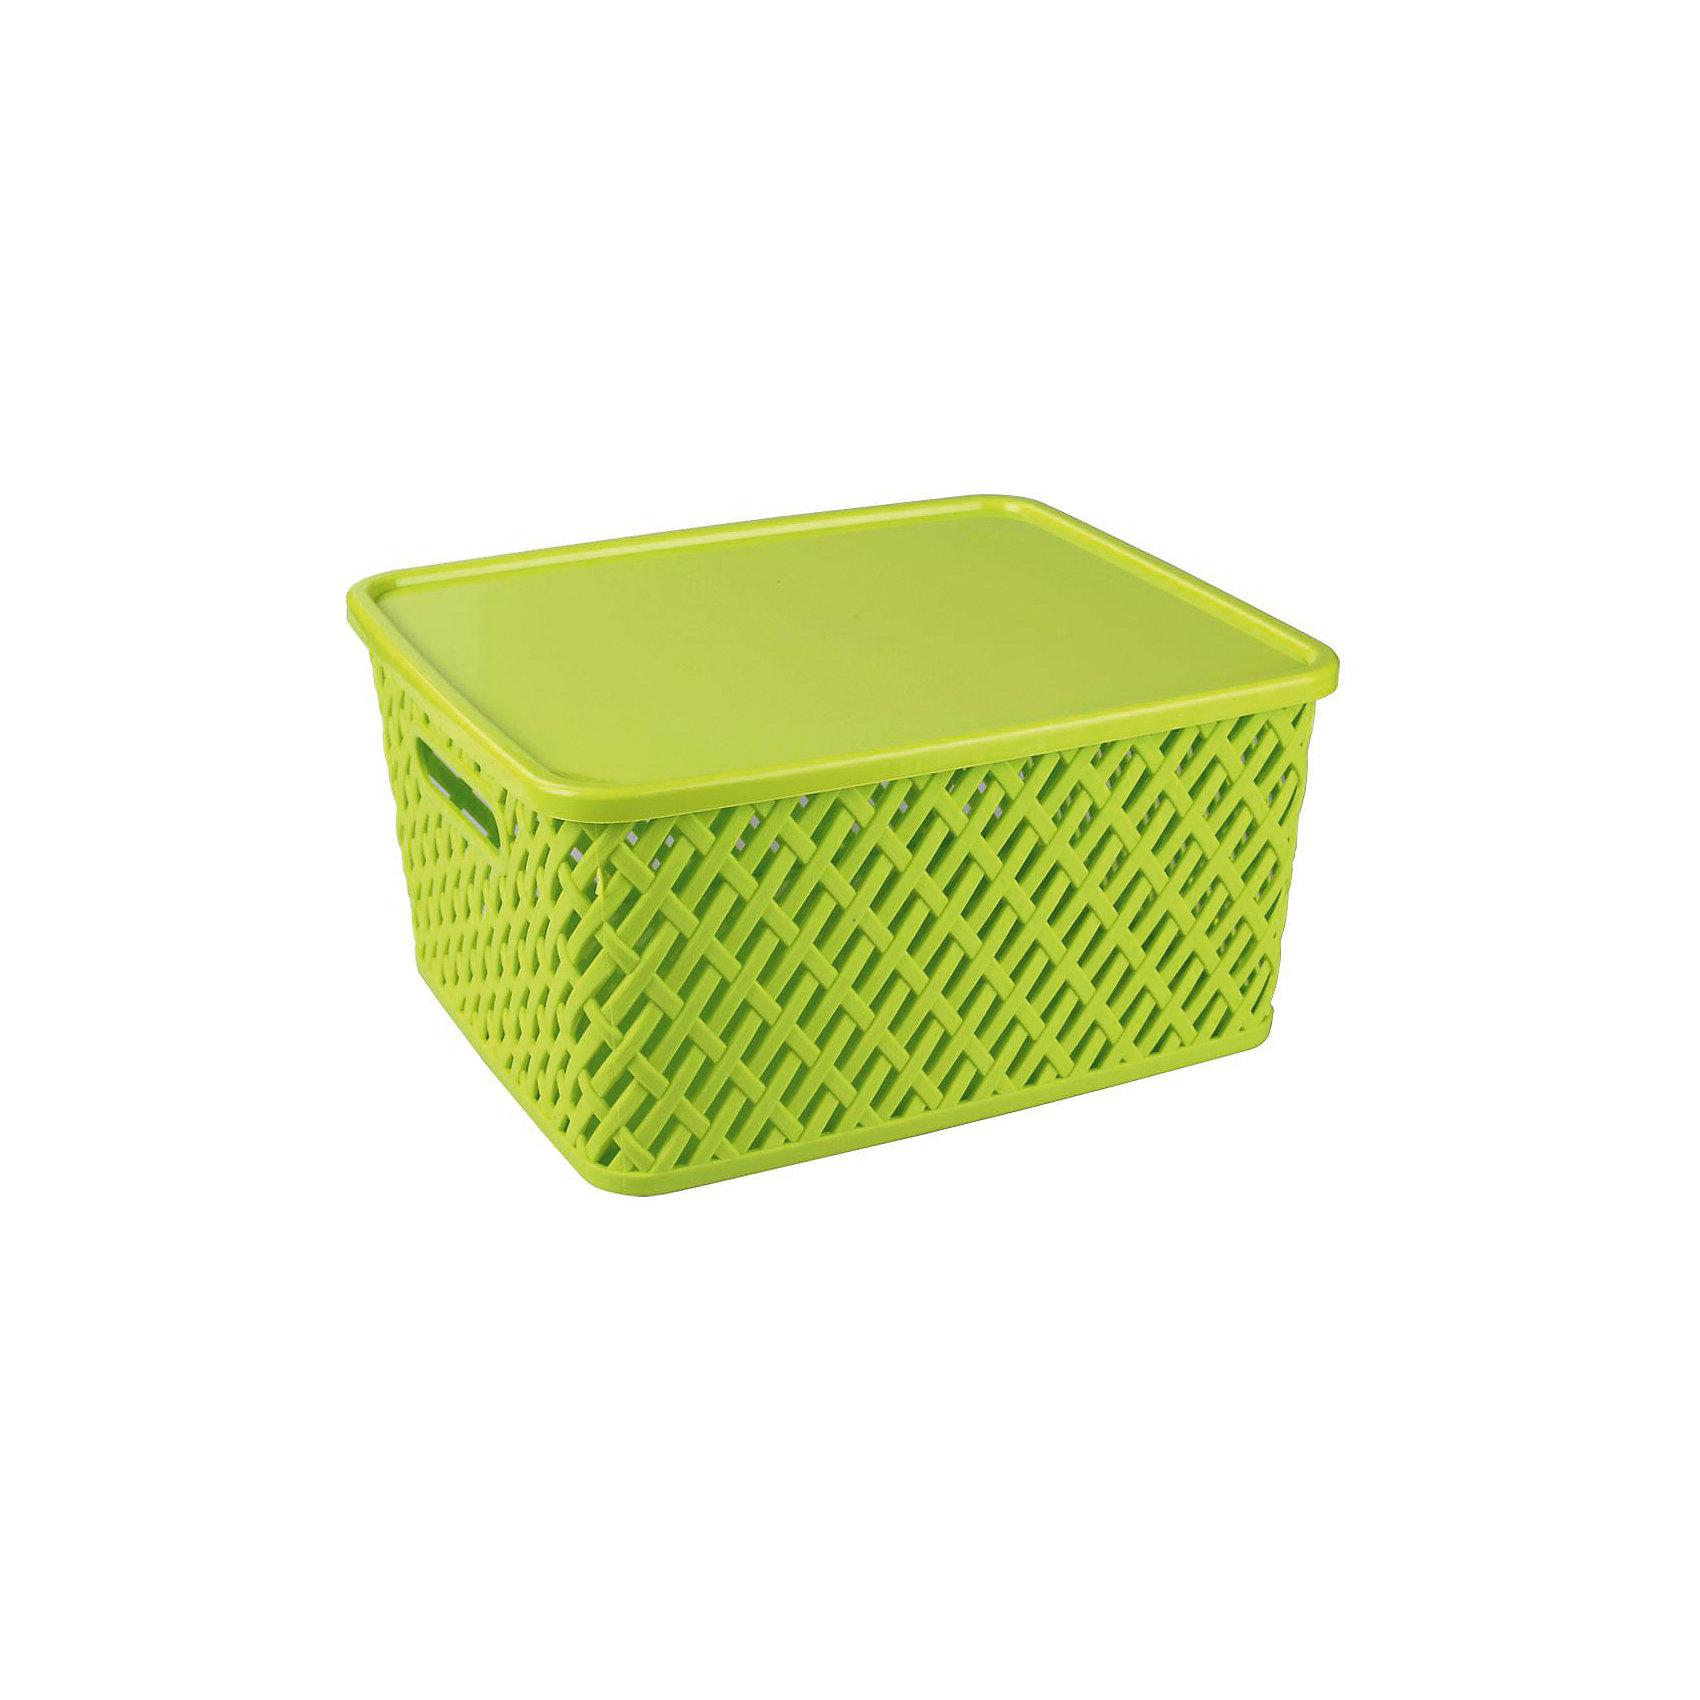 Корзина Плетенка (350х290х175)с крышкой, Alternativa, салатовыйХарактеристики:<br><br>• Предназначение: для хозяйственных нужд<br>• Материал: пластик<br>• Цвет: салатовый<br>• Размер (Д*Ш*В): 35*29*17,5 см<br>• Форма: прямоугольныйольная<br>• Наличие крышки<br>• Особенности ухода: разрешается мыть теплой водой<br><br>Корзина Плетенка (350х290х175) с крышкой, Alternativa, салатовый изготовлена отечественным производителем ООО ЗПИ Альтернатива, который специализируется на выпуске широкого спектра изделий из пластика. Контейнер выполнен из экологически безопасного пластика, устойчивого к механическим повреждениям, корпус оформлен имитацией плетения из лозы с крупными отверстиями, по бокам имеются ручки, в комплекте предусмотрена крышка. Изделие имеет удобную форму, достаточно легкое в уходе. Корзину Плетенка (350х290х175) с крышкой, Alternativa, салатовую можно использовать для хранения белья, игрушек, овощей и многих других целей.<br><br>Корзину Плетенка (350х290х175) с крышкой, Alternativa, салатовую можно купить в нашем интернет-магазине.<br><br>Ширина мм: 355<br>Глубина мм: 305<br>Высота мм: 180<br>Вес г: 626<br>Возраст от месяцев: 6<br>Возраст до месяцев: 84<br>Пол: Унисекс<br>Возраст: Детский<br>SKU: 5096600